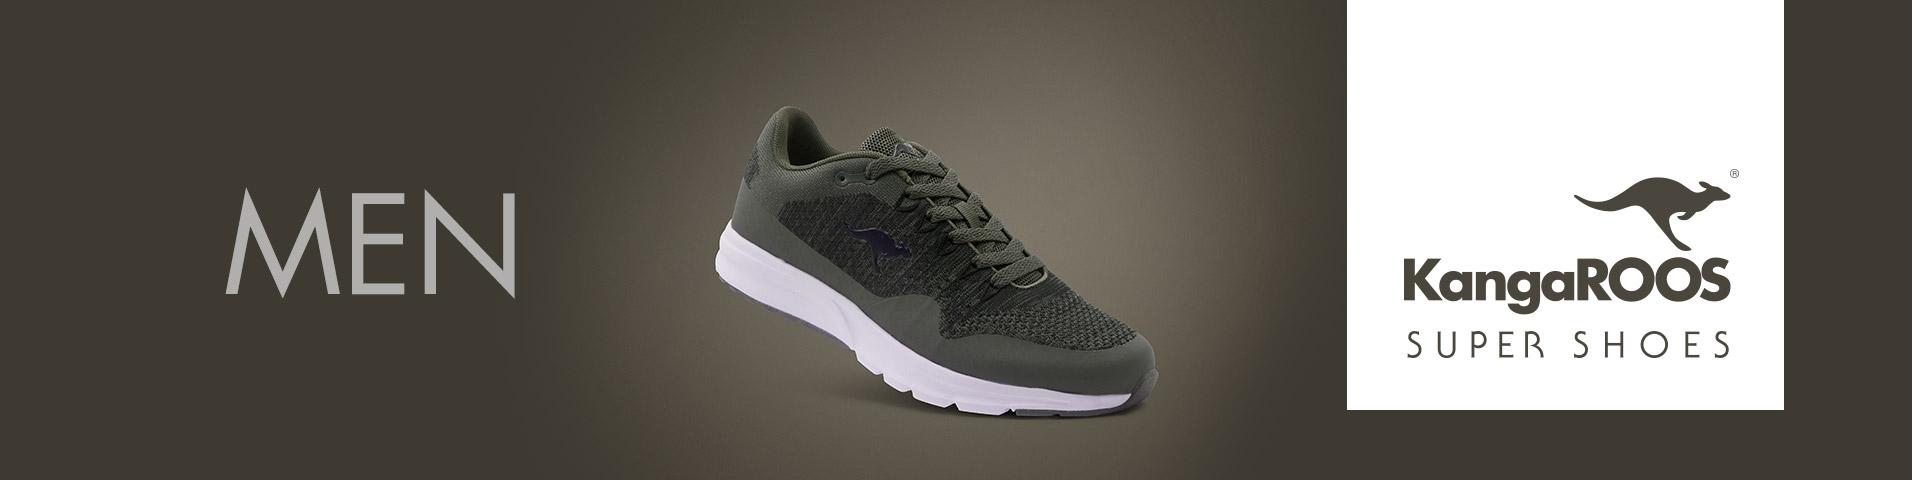 Auf ganz leisen Sohlen: KangaROOS Sneaker für Herren | ZALANDO